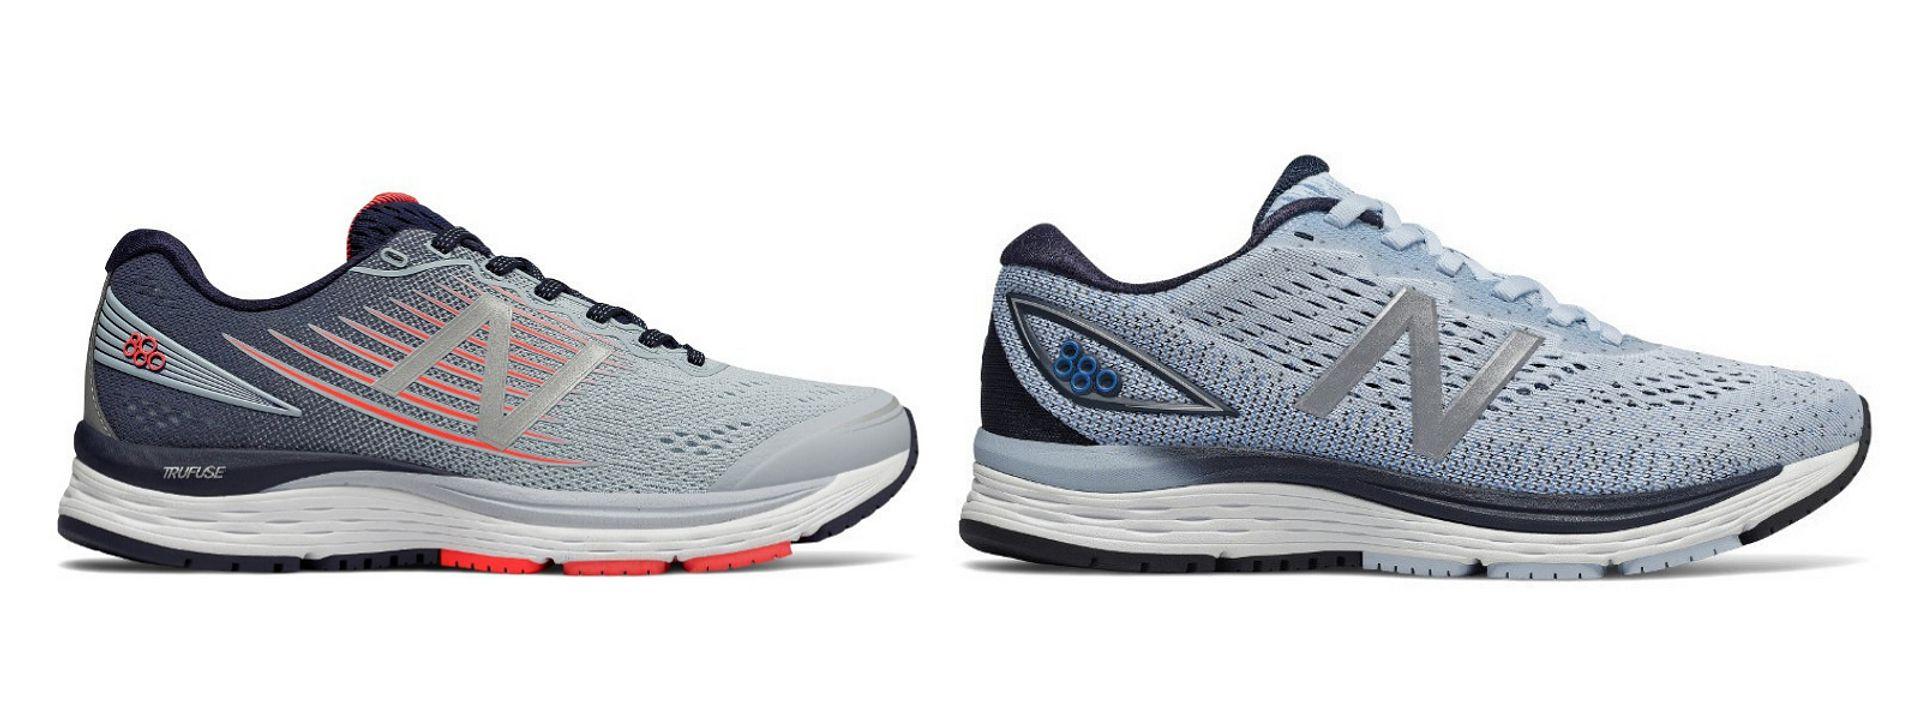 Shoe Review: New Balance 880v9 | Fleet Feet